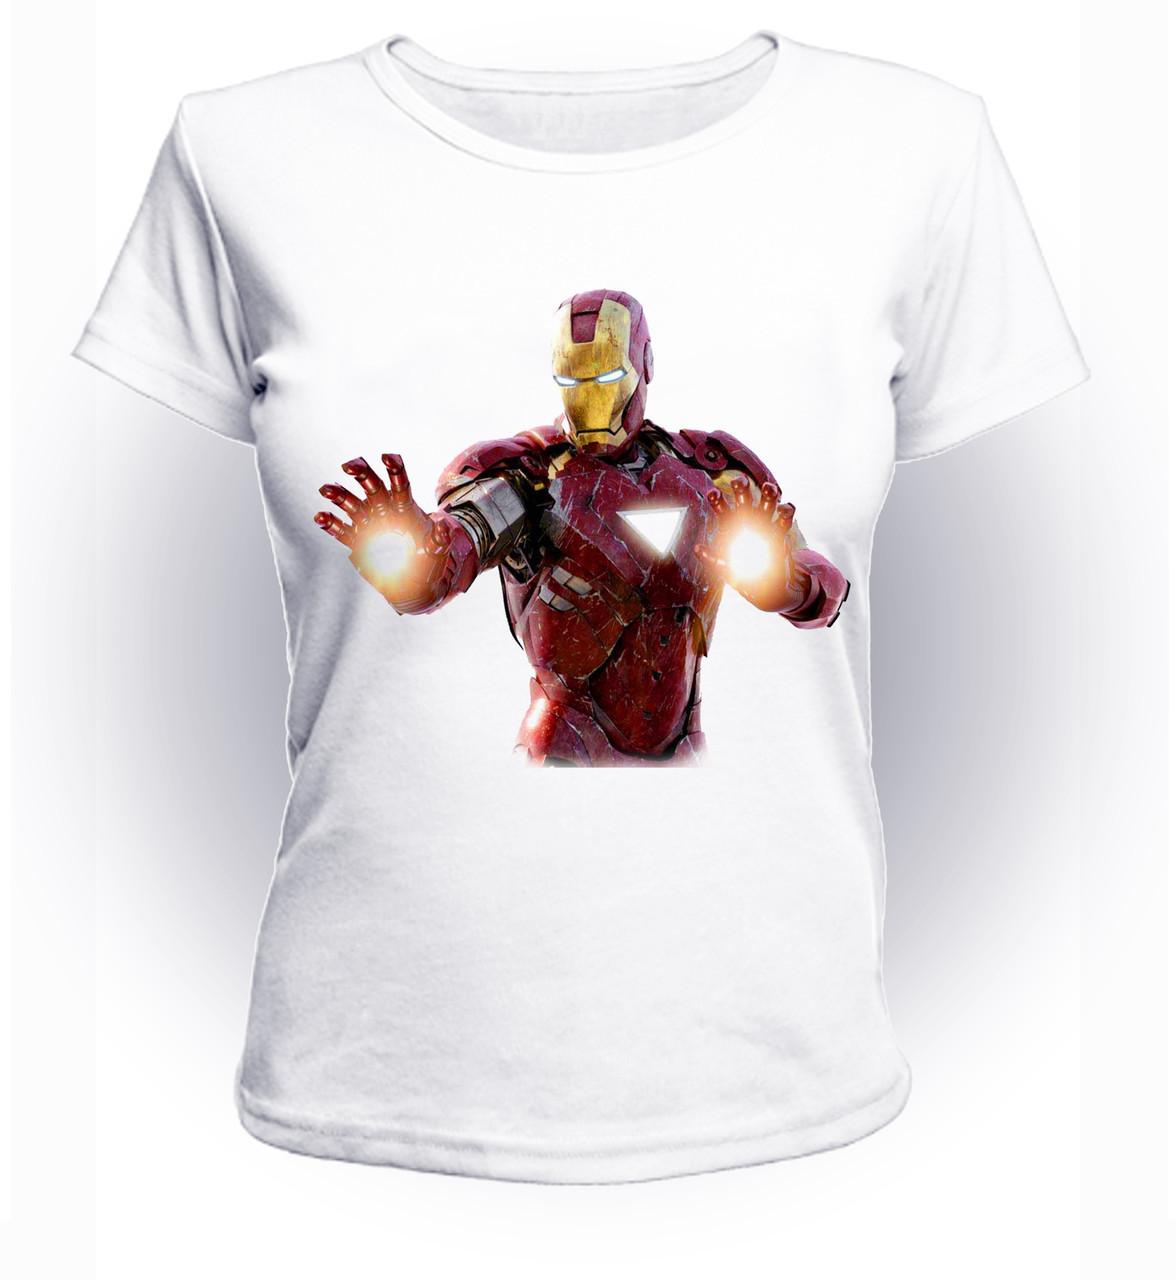 актриса, железный человек картинки для футболок узнаем, какие